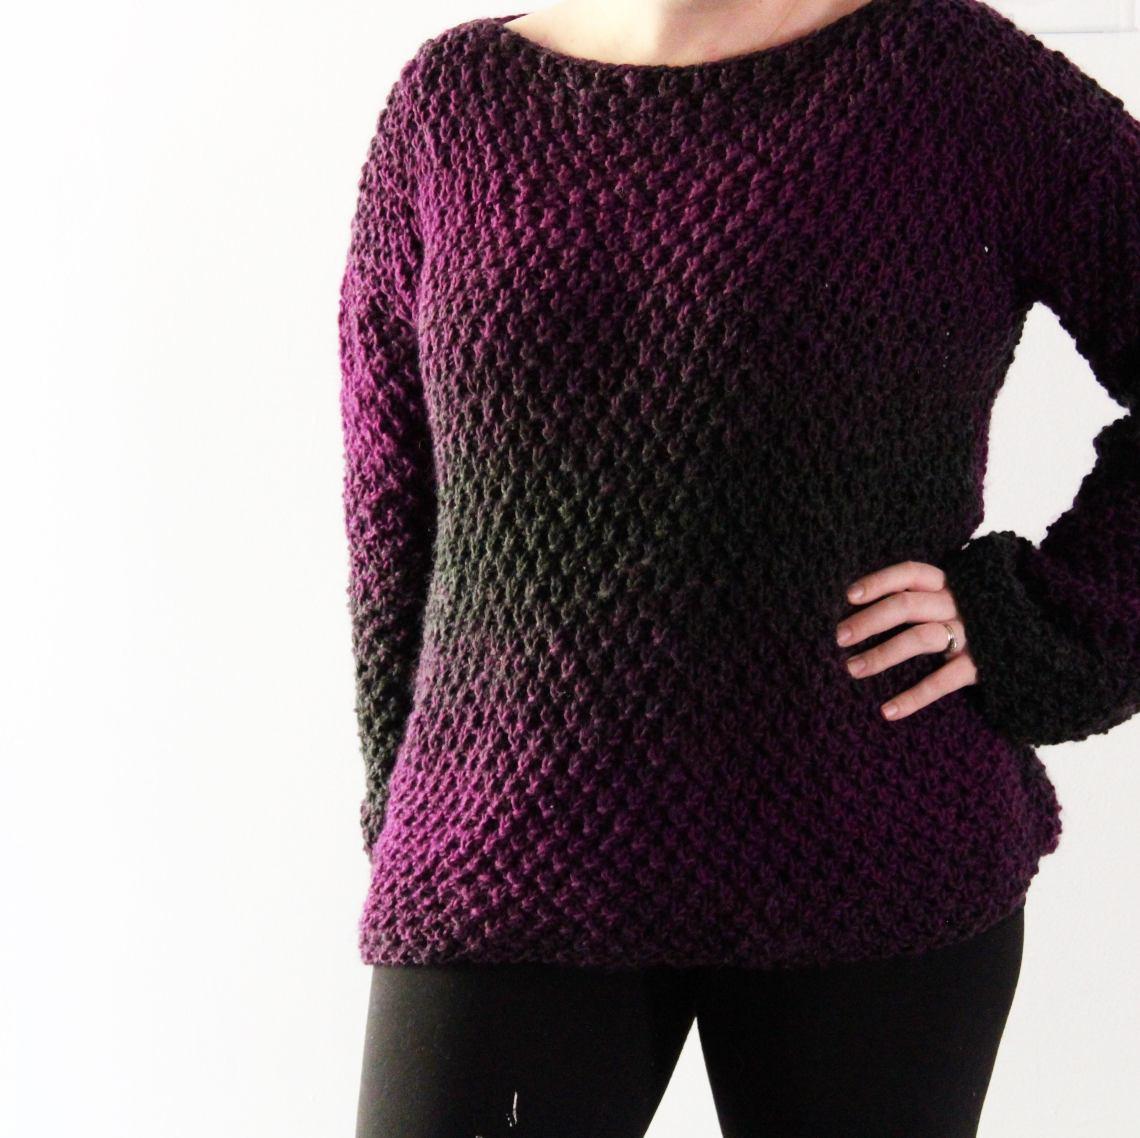 86d88e473 The Amethyst Knit Sweater - FREE Knitting Pattern by YarnHookNeedles ...